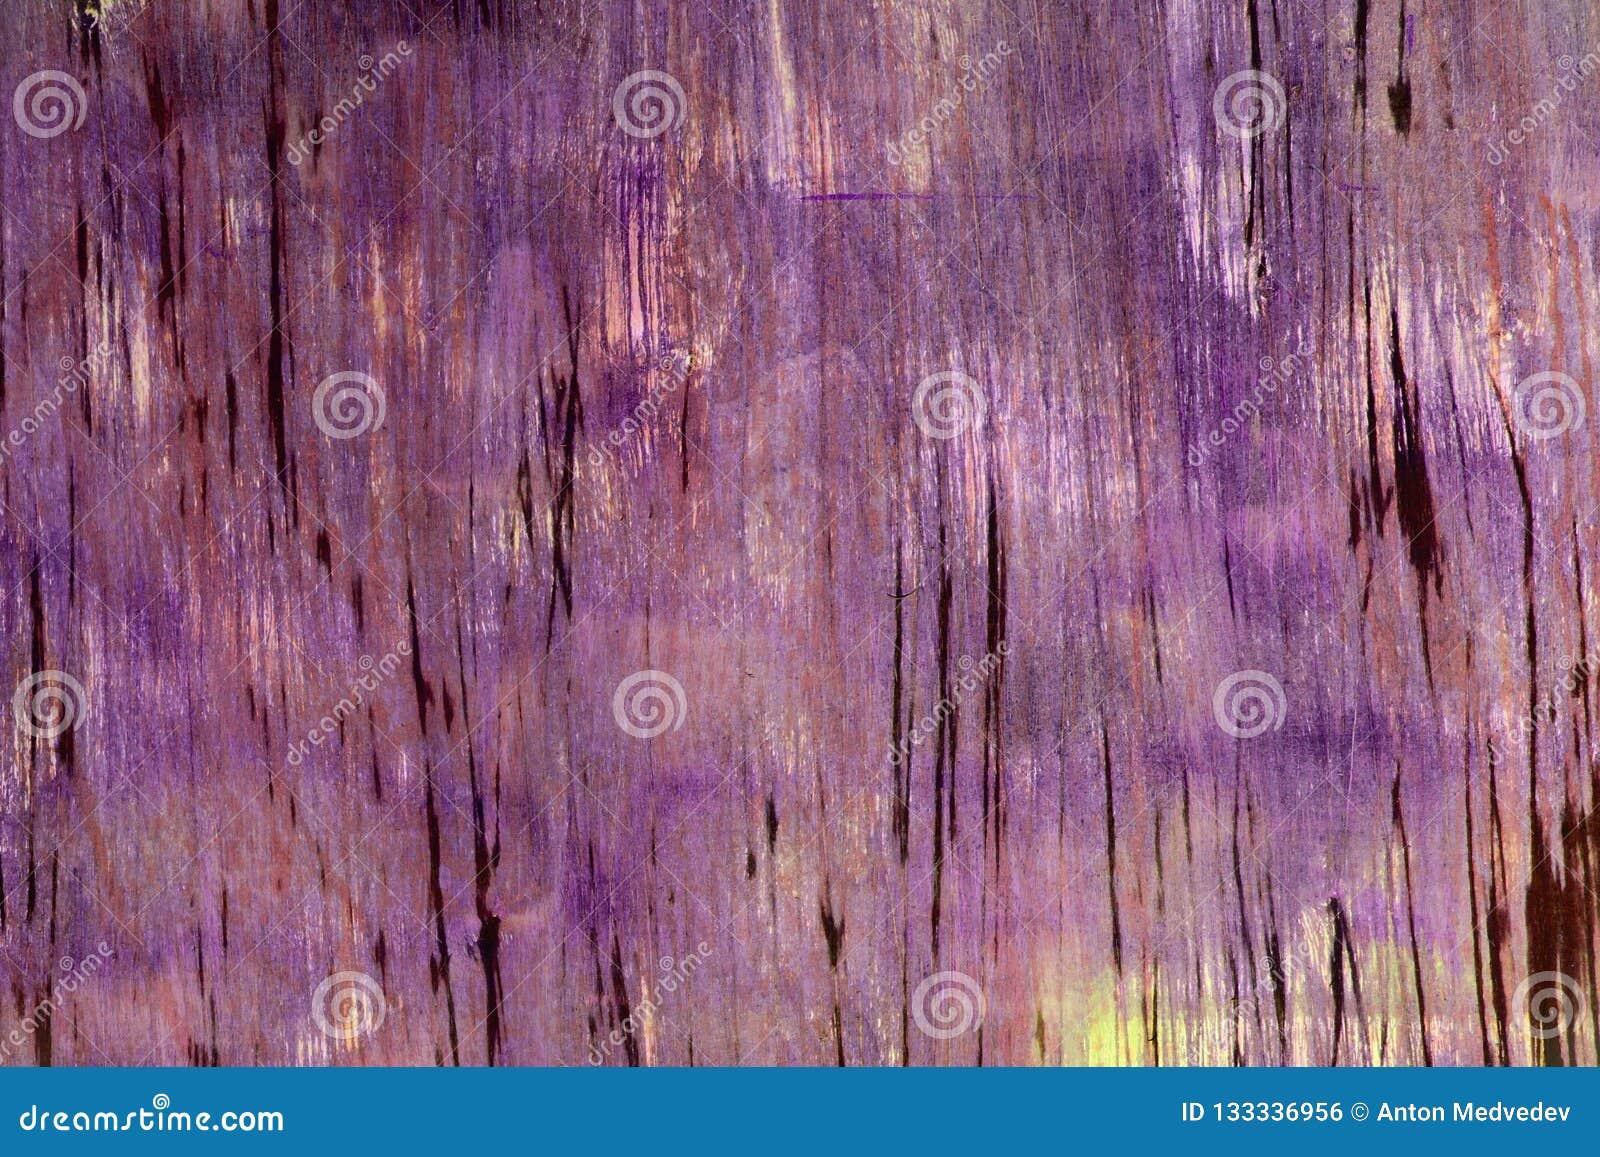 Gammal sjaskig tonad naturlig träpaneltextur - gullig abstrakt fotobakgrund